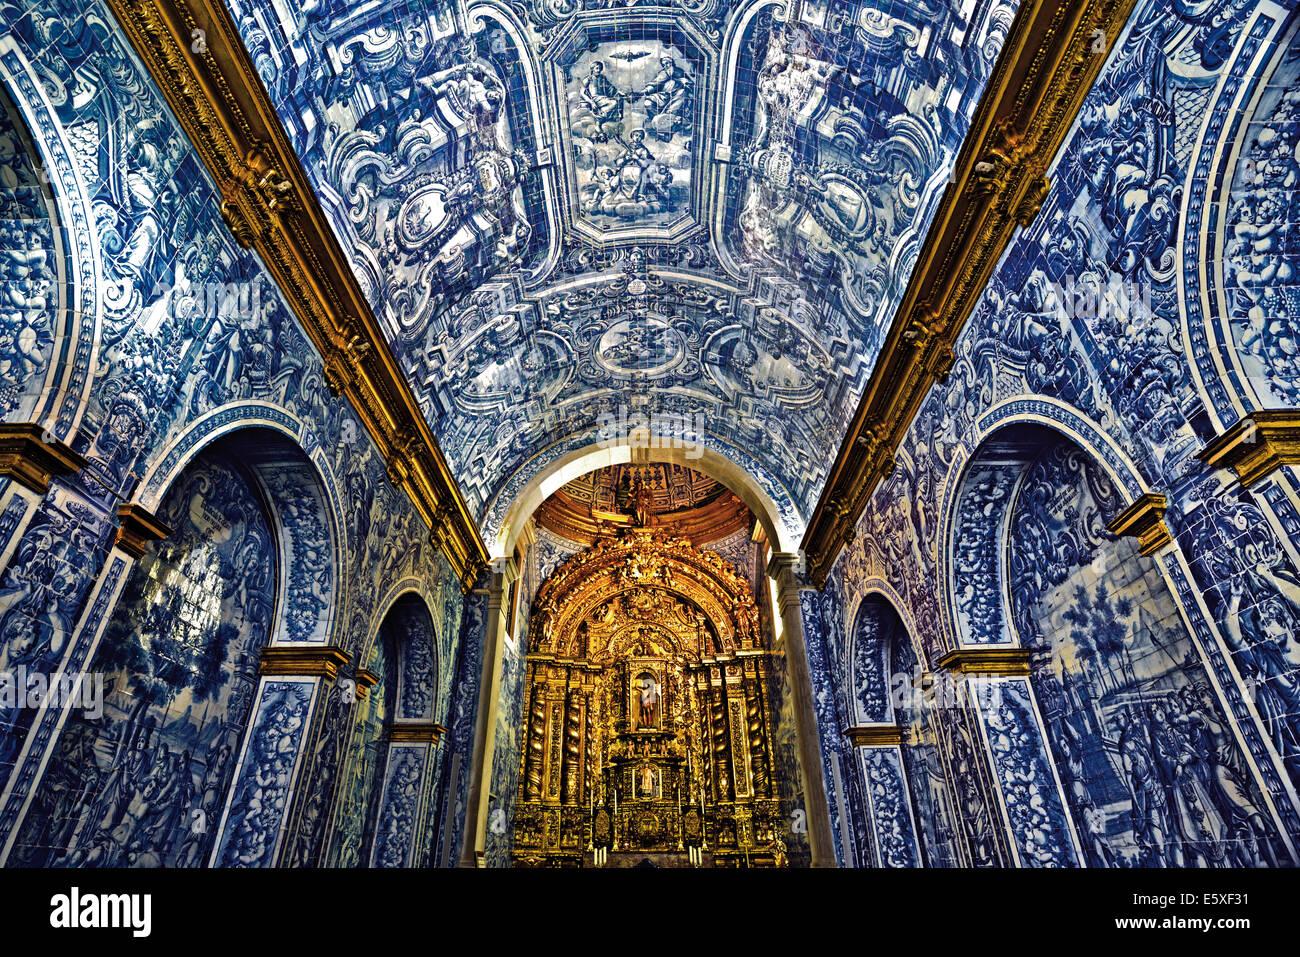 Portugal Algarve Historische Fliesen Im Inneren Der Kirche Sao - Historische fliesen kaufen